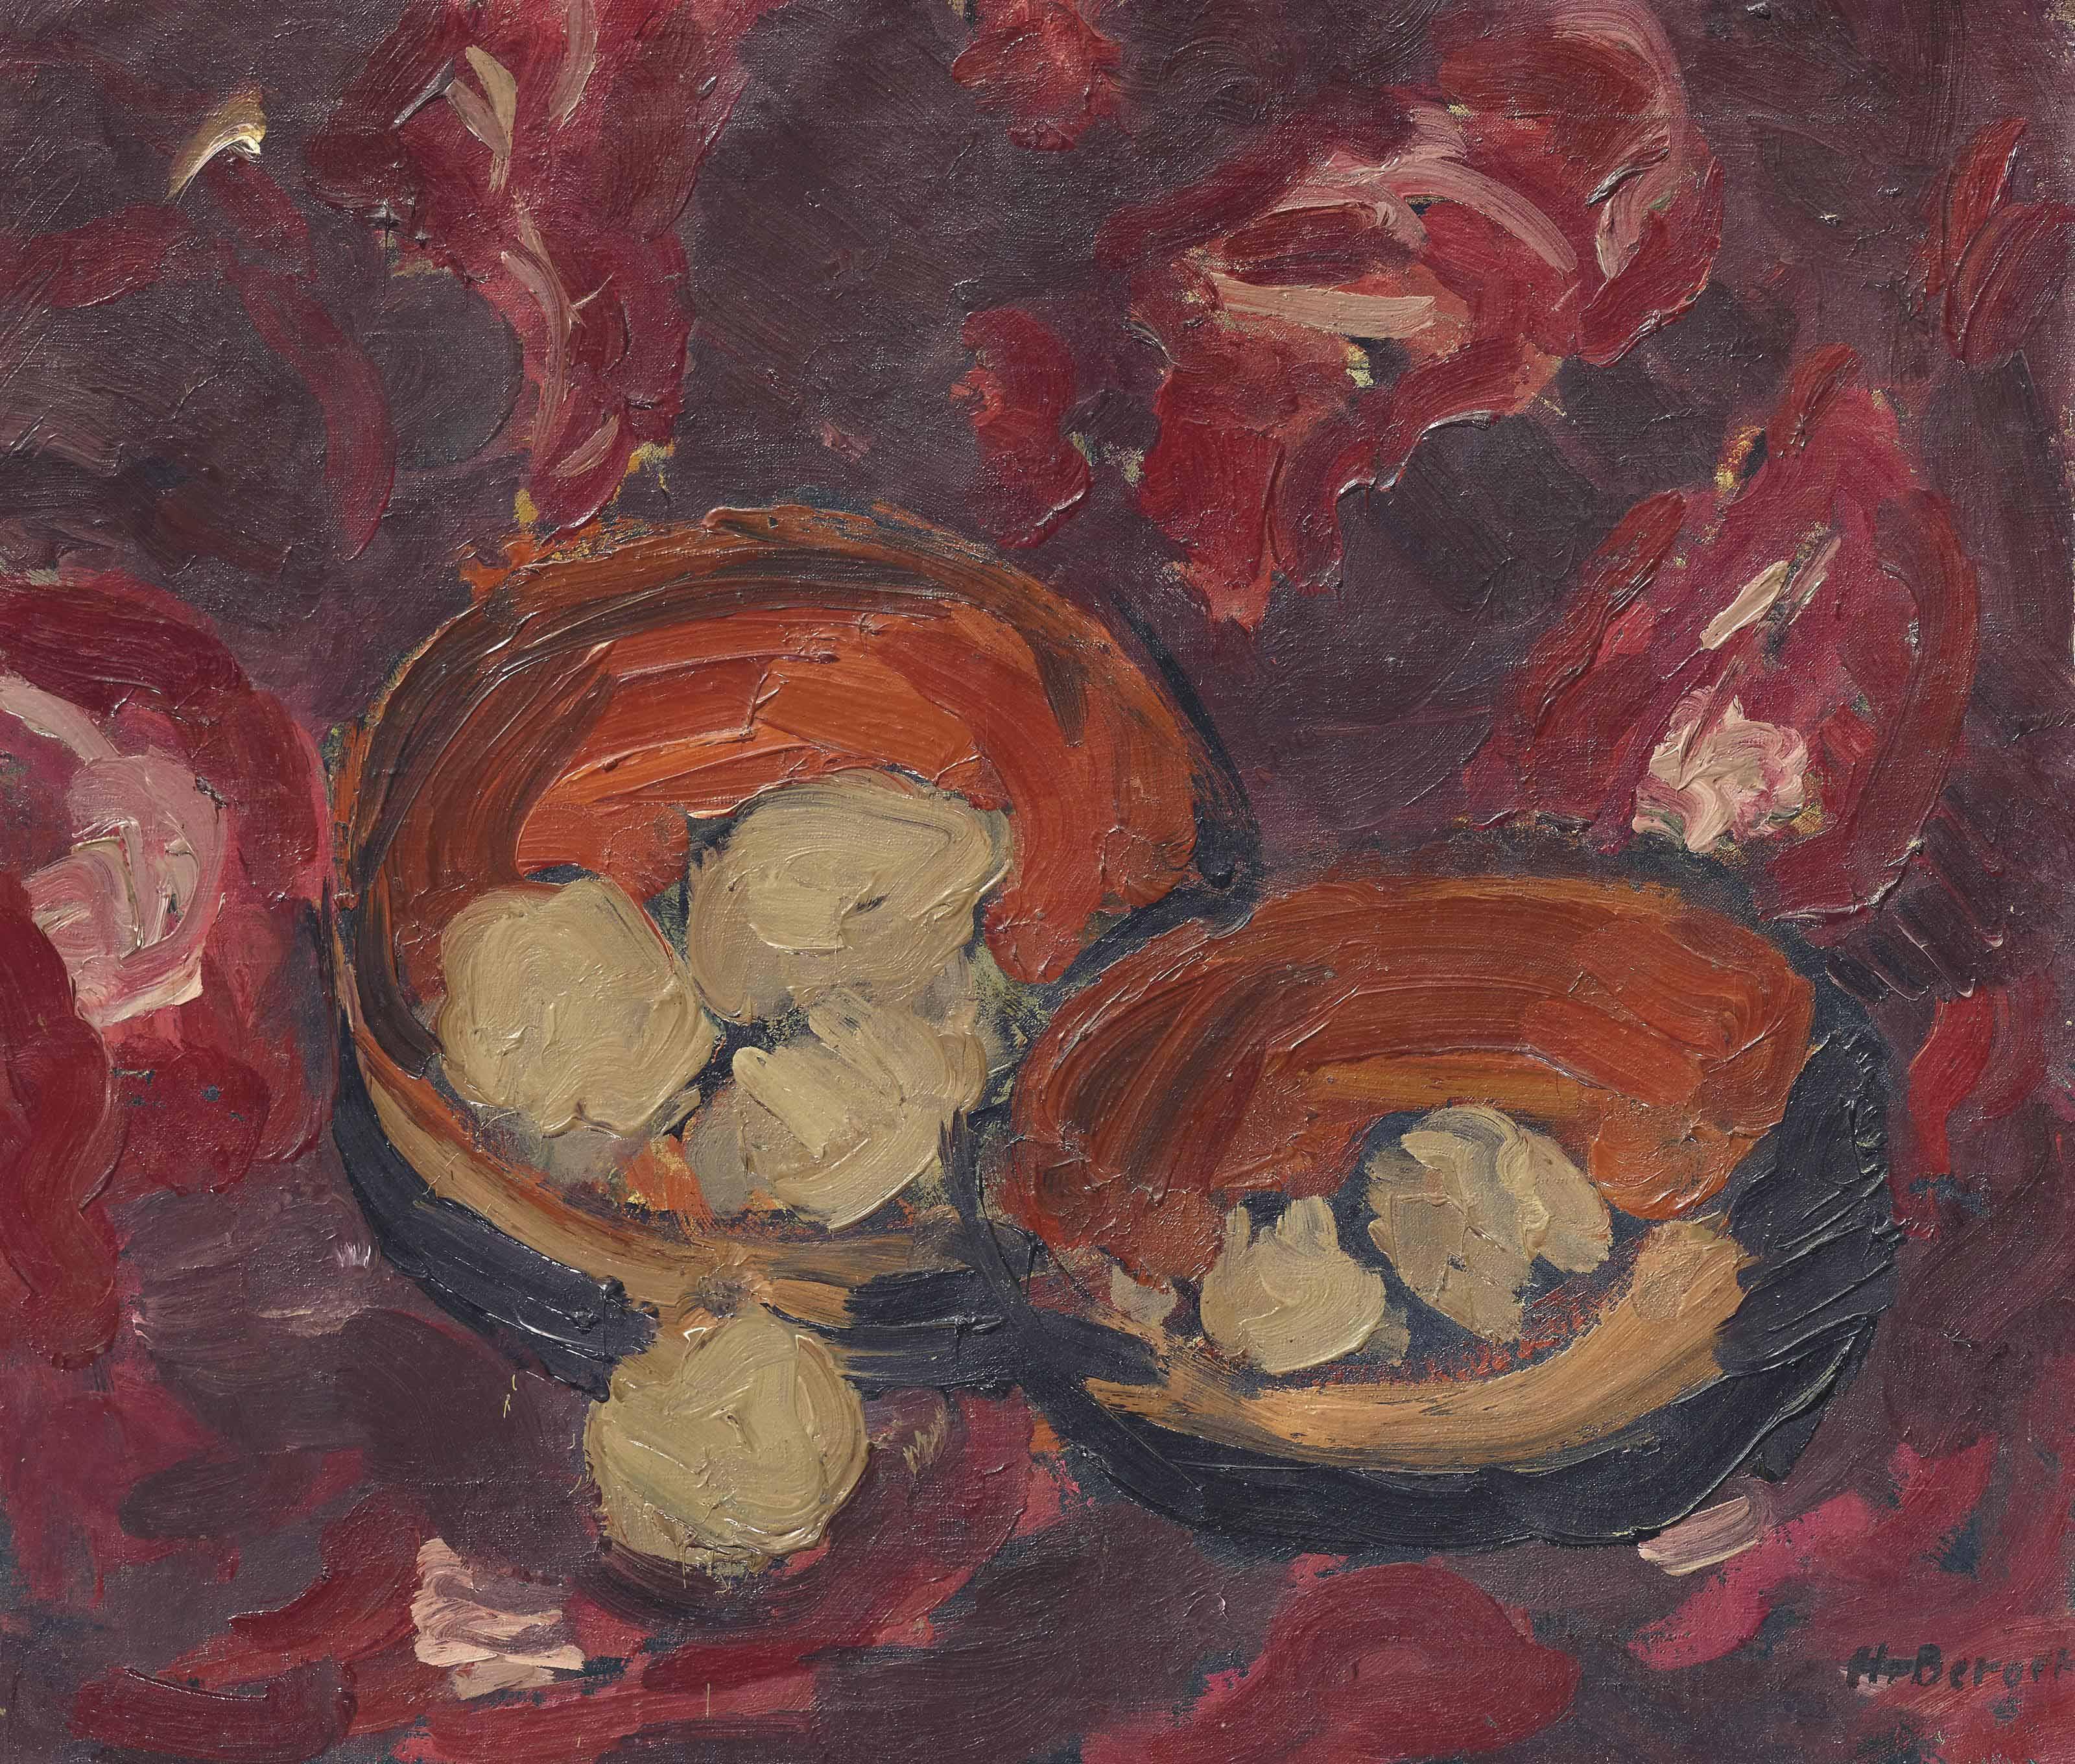 Stillleben mit Kartoffeln, um 1913